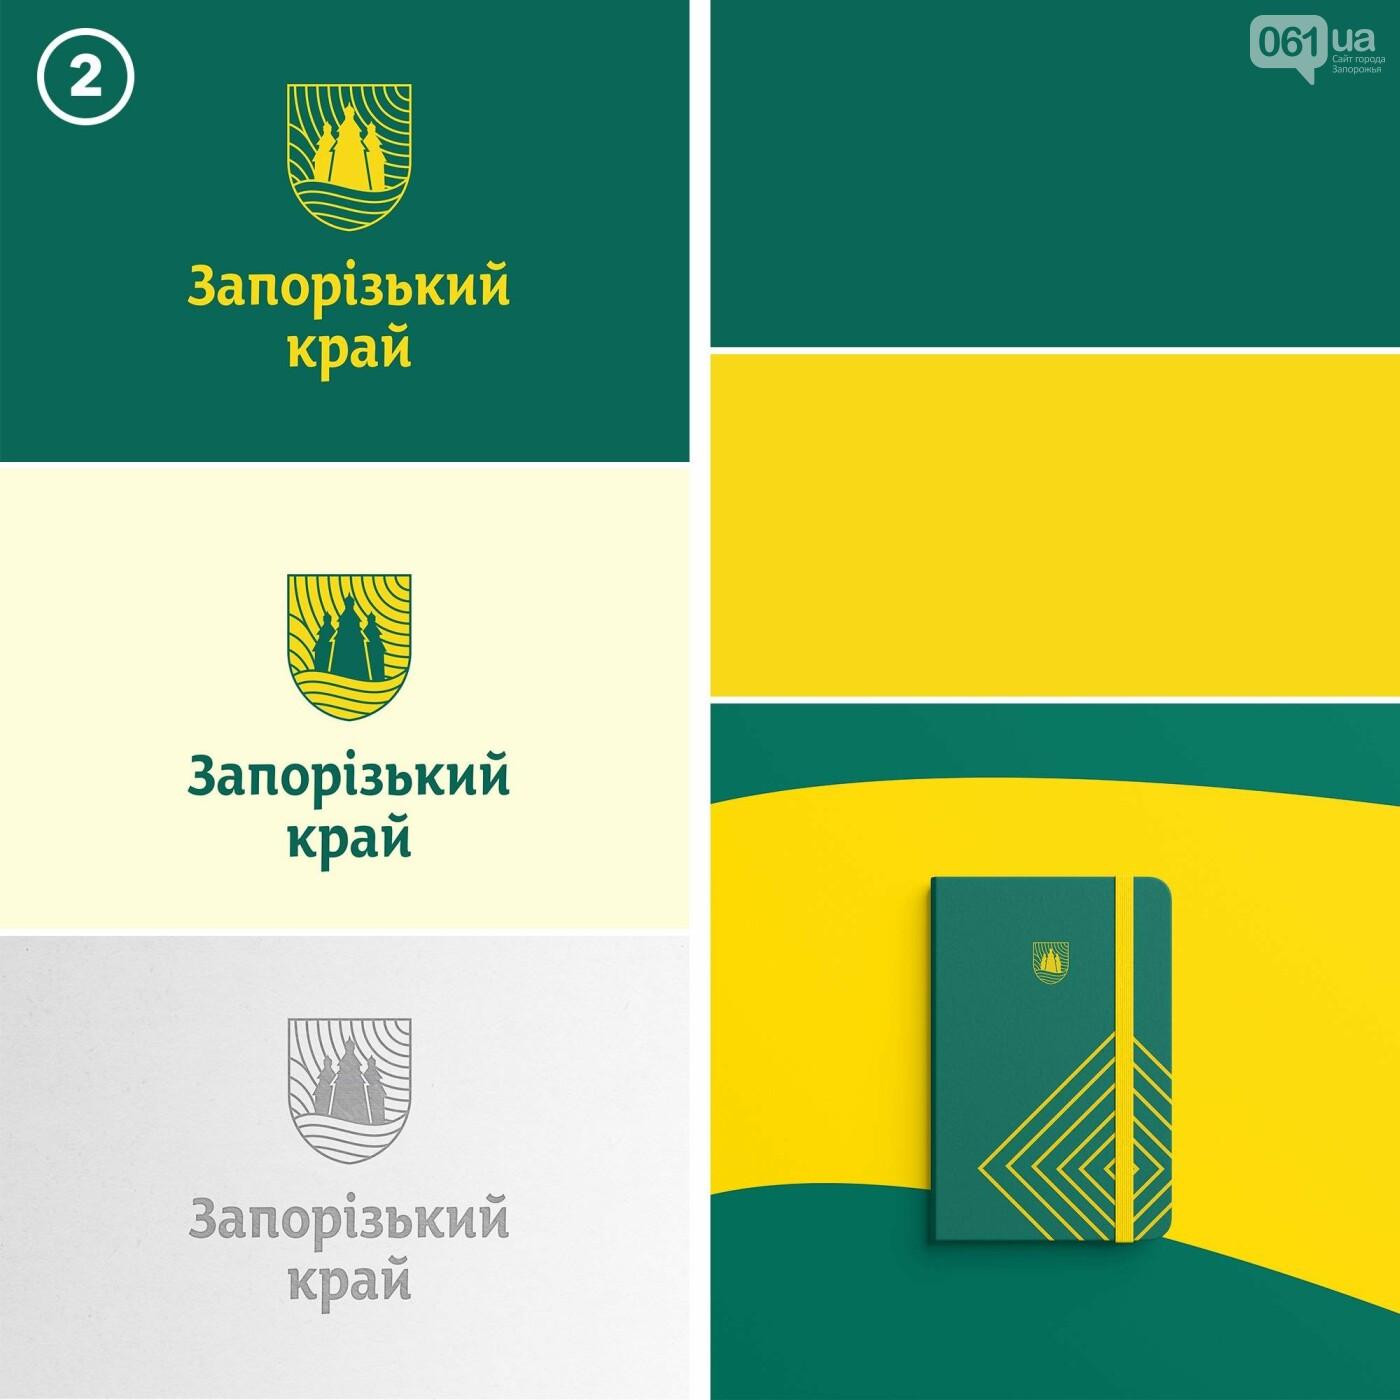 Булава, церковь на Хортице и компас: стартовало голосование за логотип и айдентику Запорожской области, фото-2